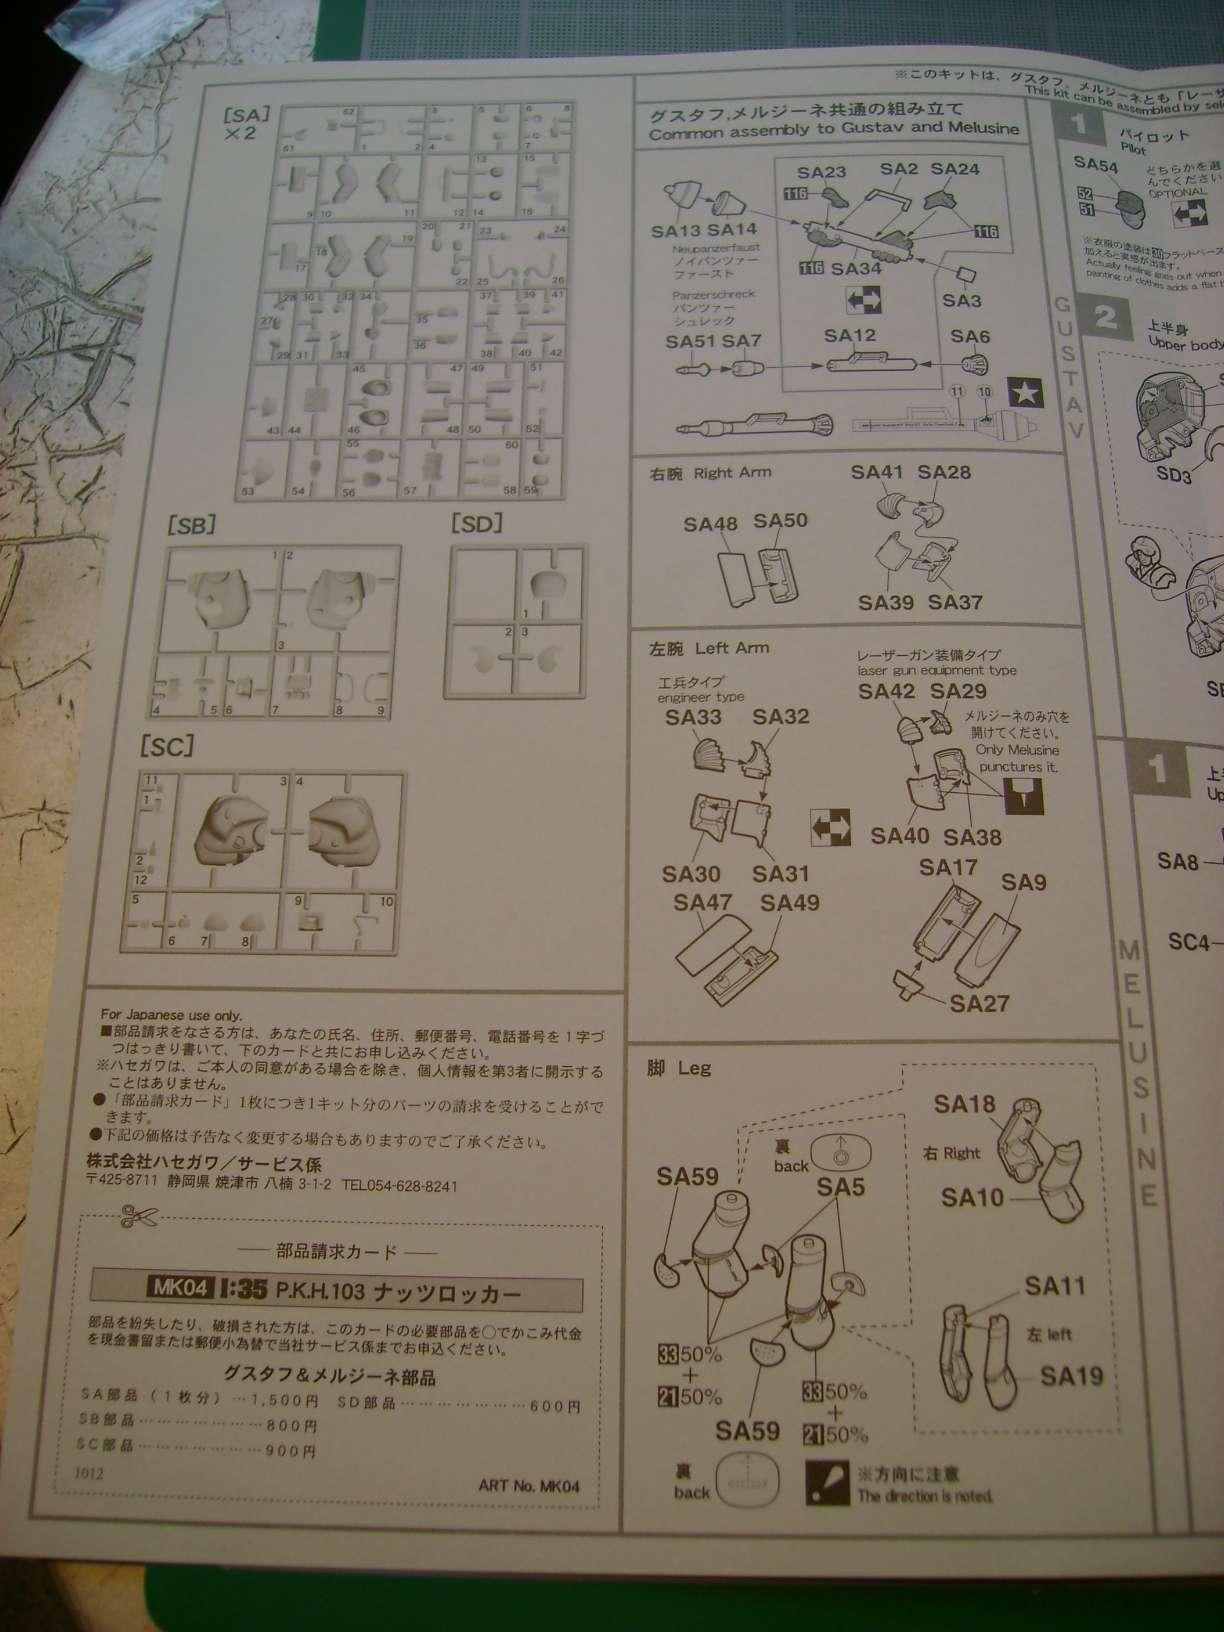 Review kit P.K.H NUTCRACKER   Serie MK04 1/35......By Hasegawa. Dsc03366t